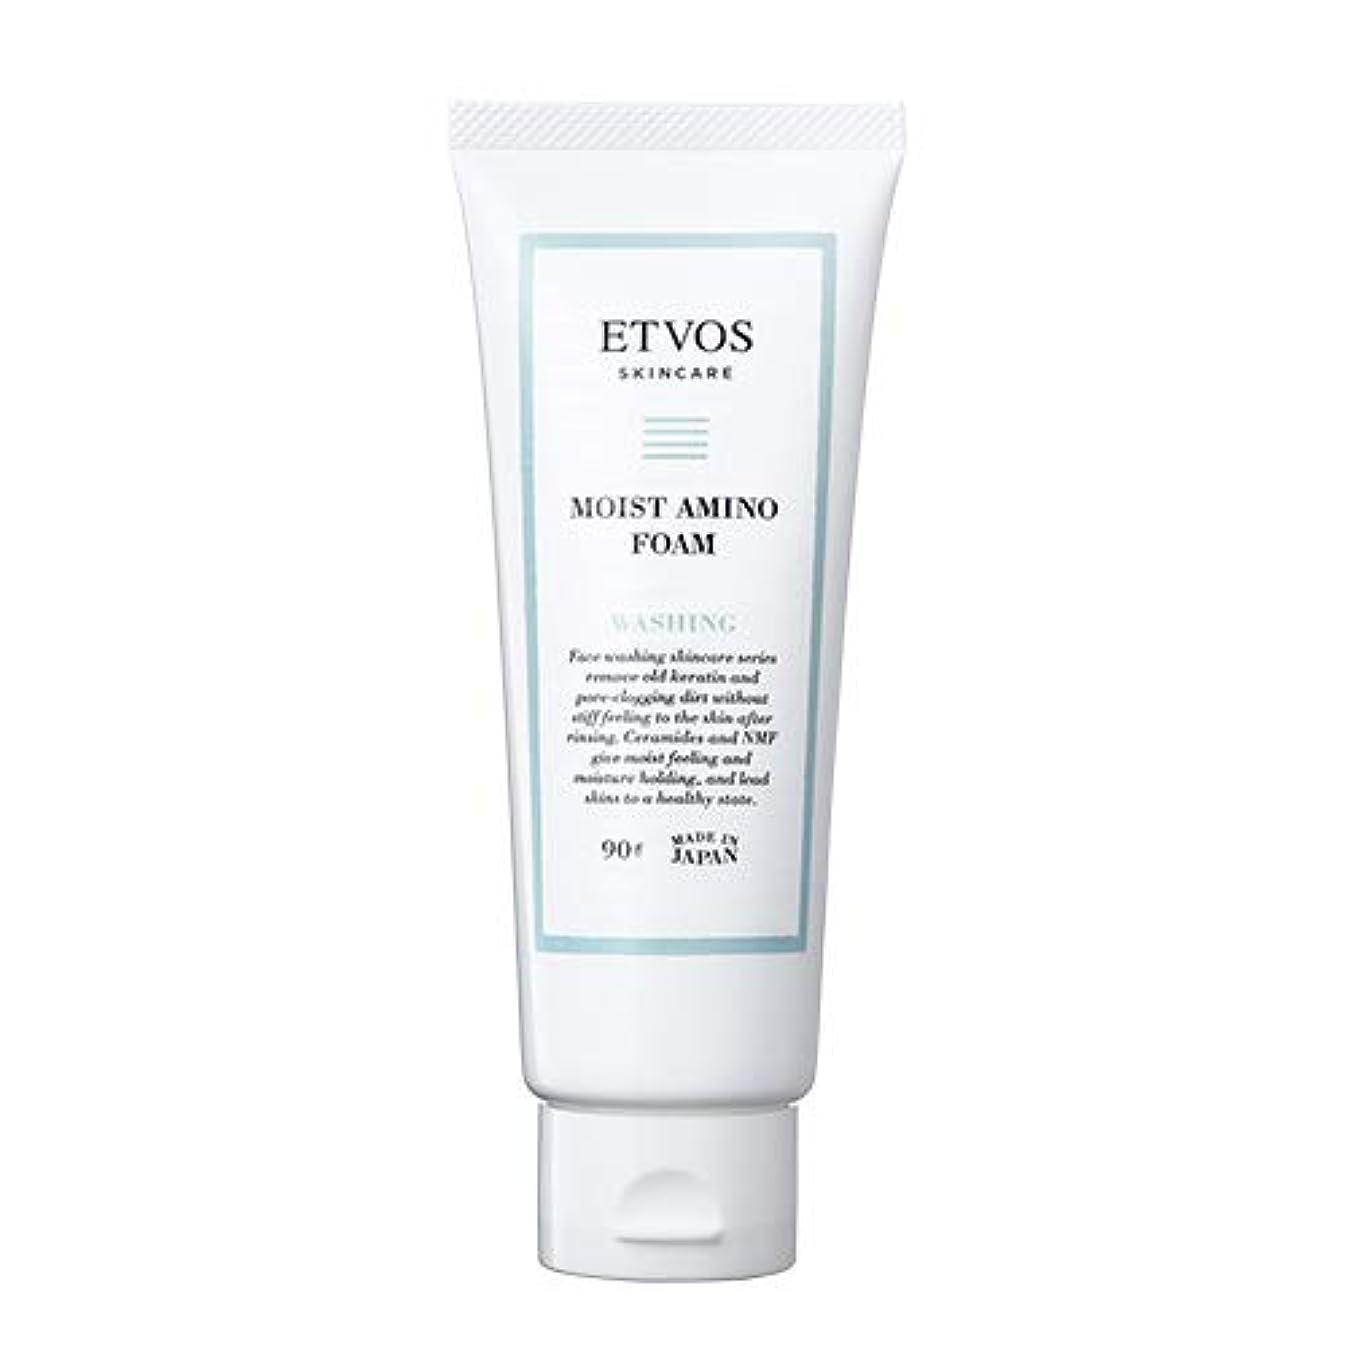 フェザーペナルティ吸収ETVOS(エトヴォス) 洗顔フォーム モイストアミノフォーム 90g ヒト型セラミド アミノ酸系 乾燥肌/敏感肌